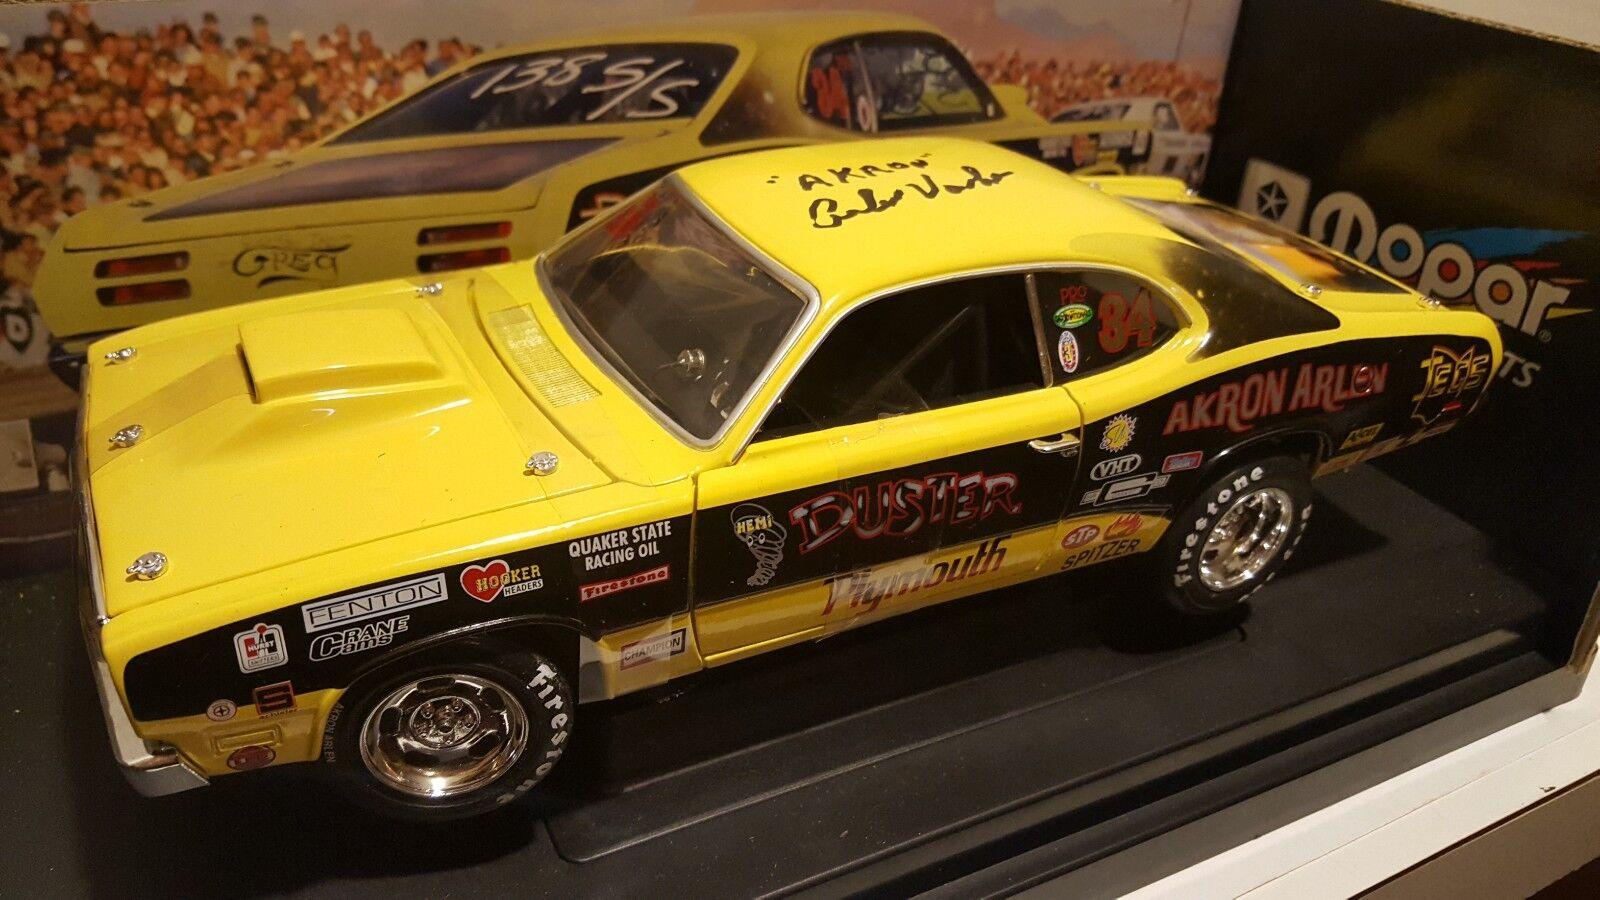 Ertl 1 18 Akron Arlen Vanke Pro Stock Plymouth Duster AUTOGRAFIAD